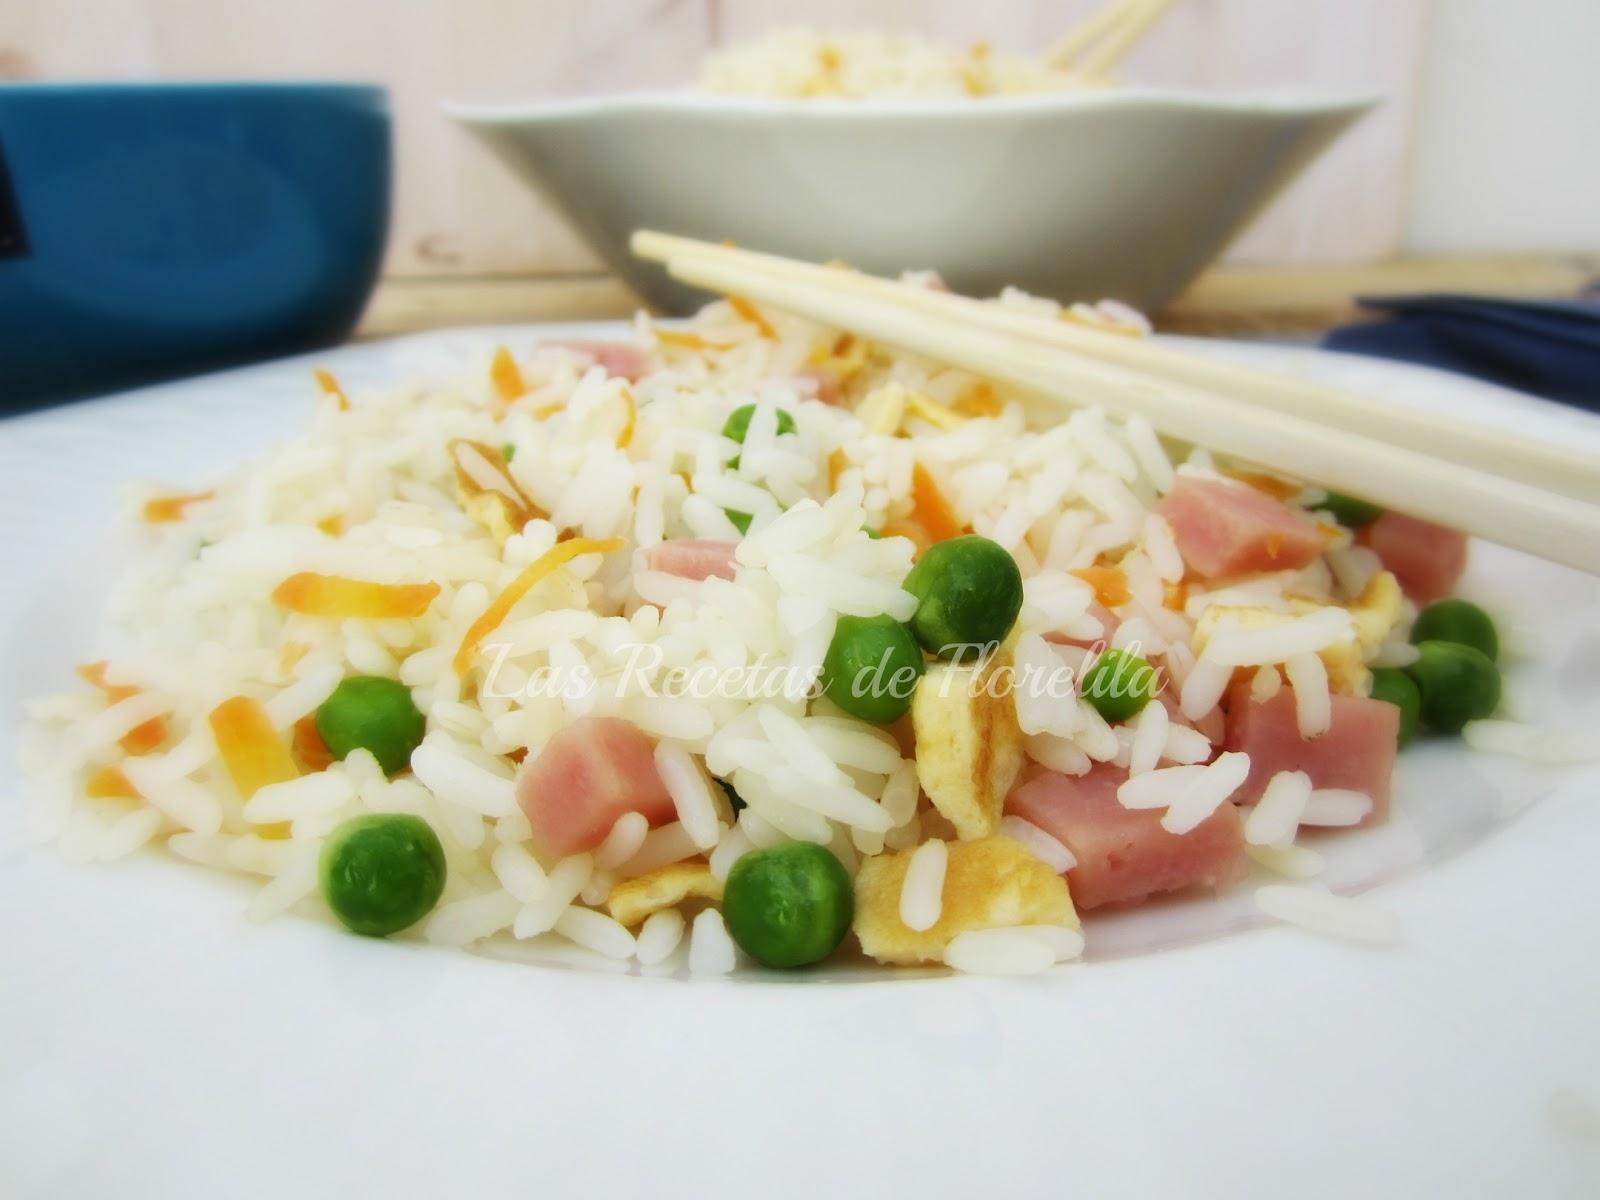 Florelila recetas y aficiones arroz 3 delicias casero for Cocinar arroz 3 delicias